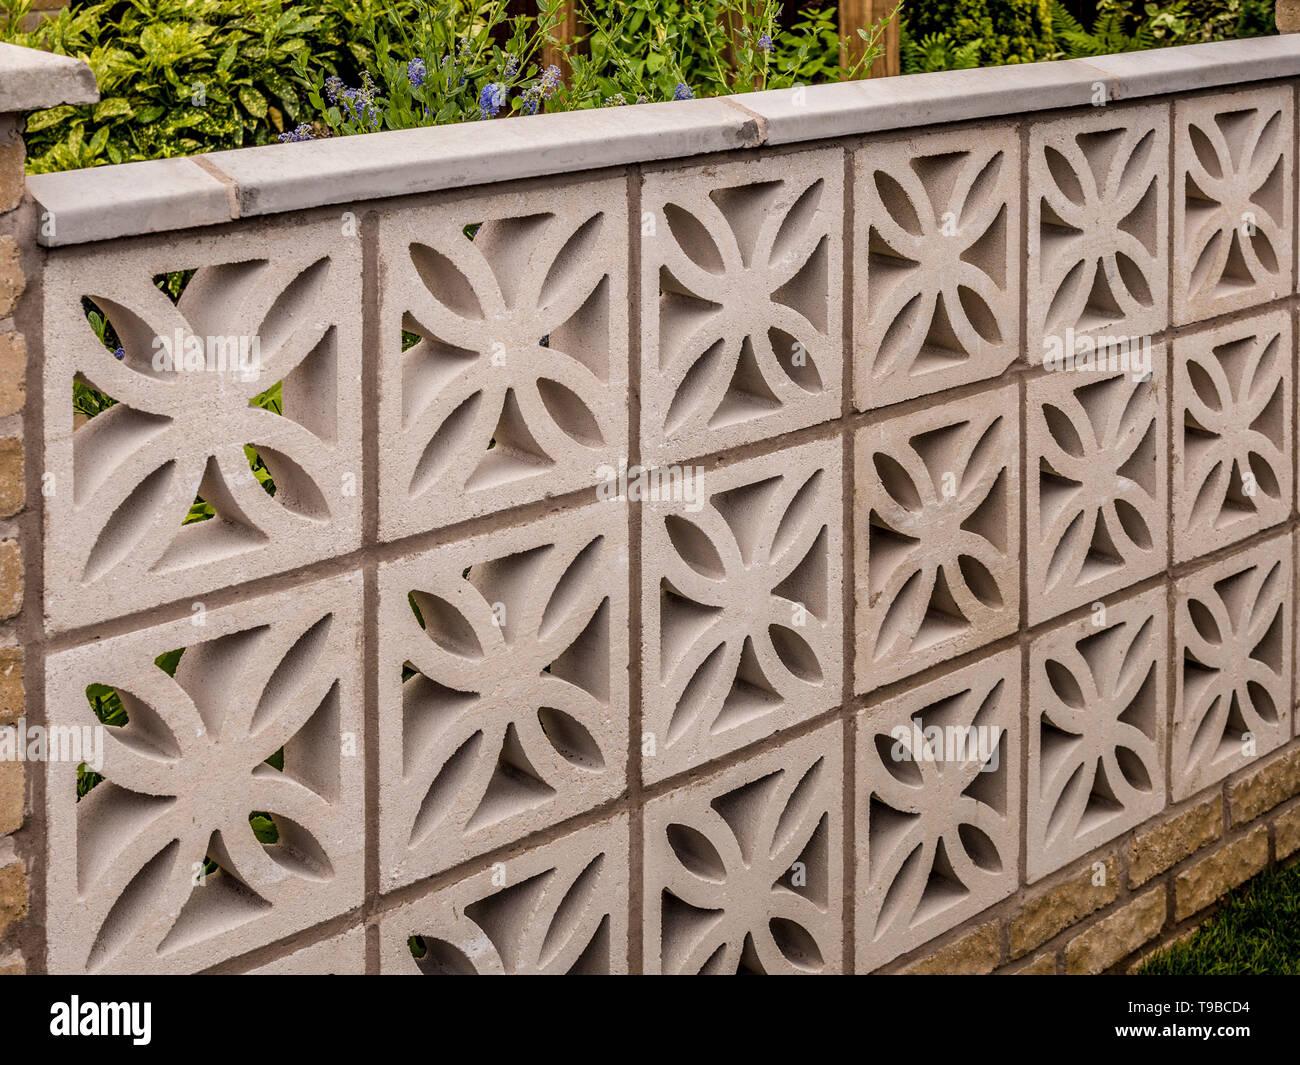 Bloque de hormigón de estilo retro garden Wall (Muro Pantalla bloque n° 399). Al estilo de los años 1970, 1960. Foto de stock